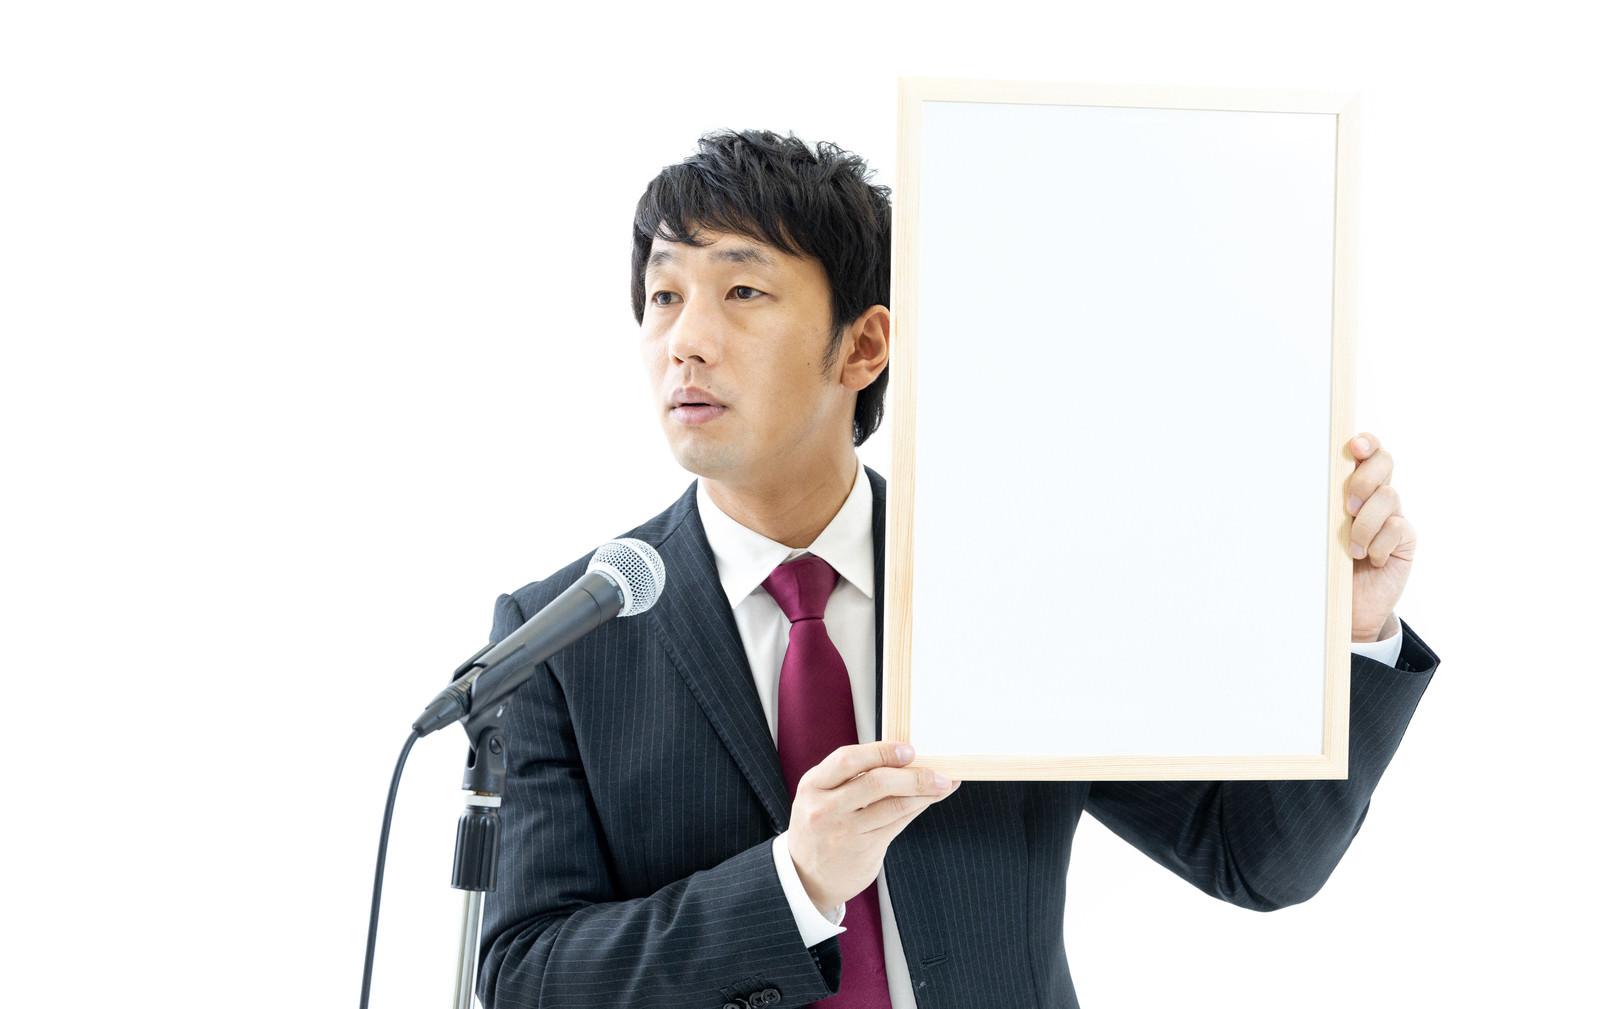 「記者の質問に答える政治家」の写真[モデル:大川竜弥]